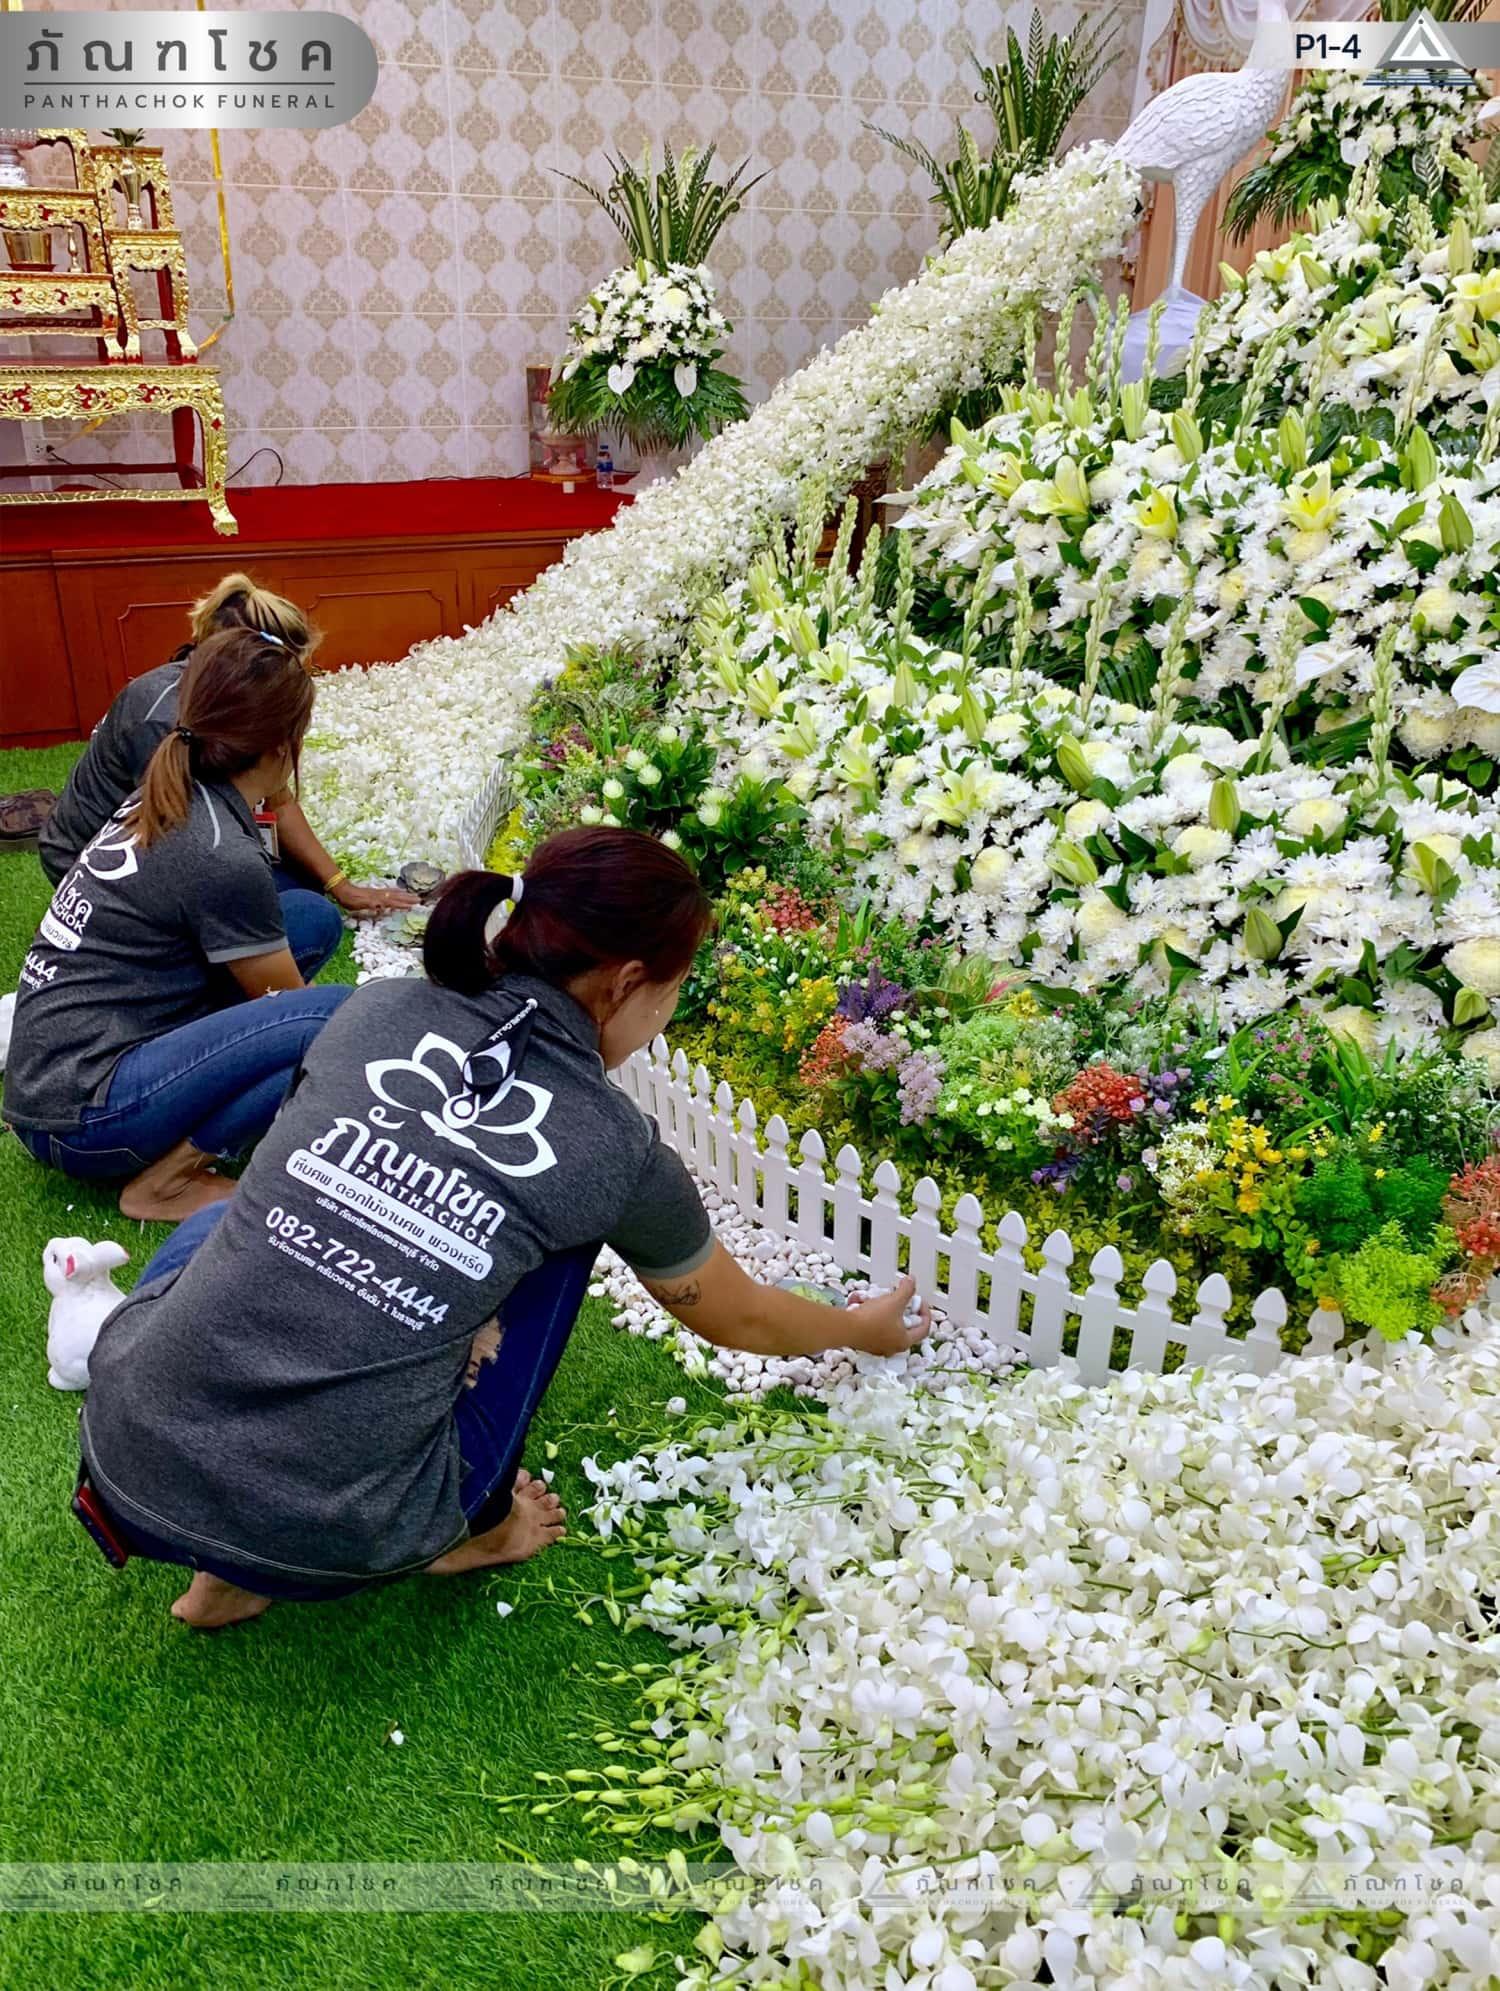 ดอกไม้หน้าศพ ชุด P1-4 77